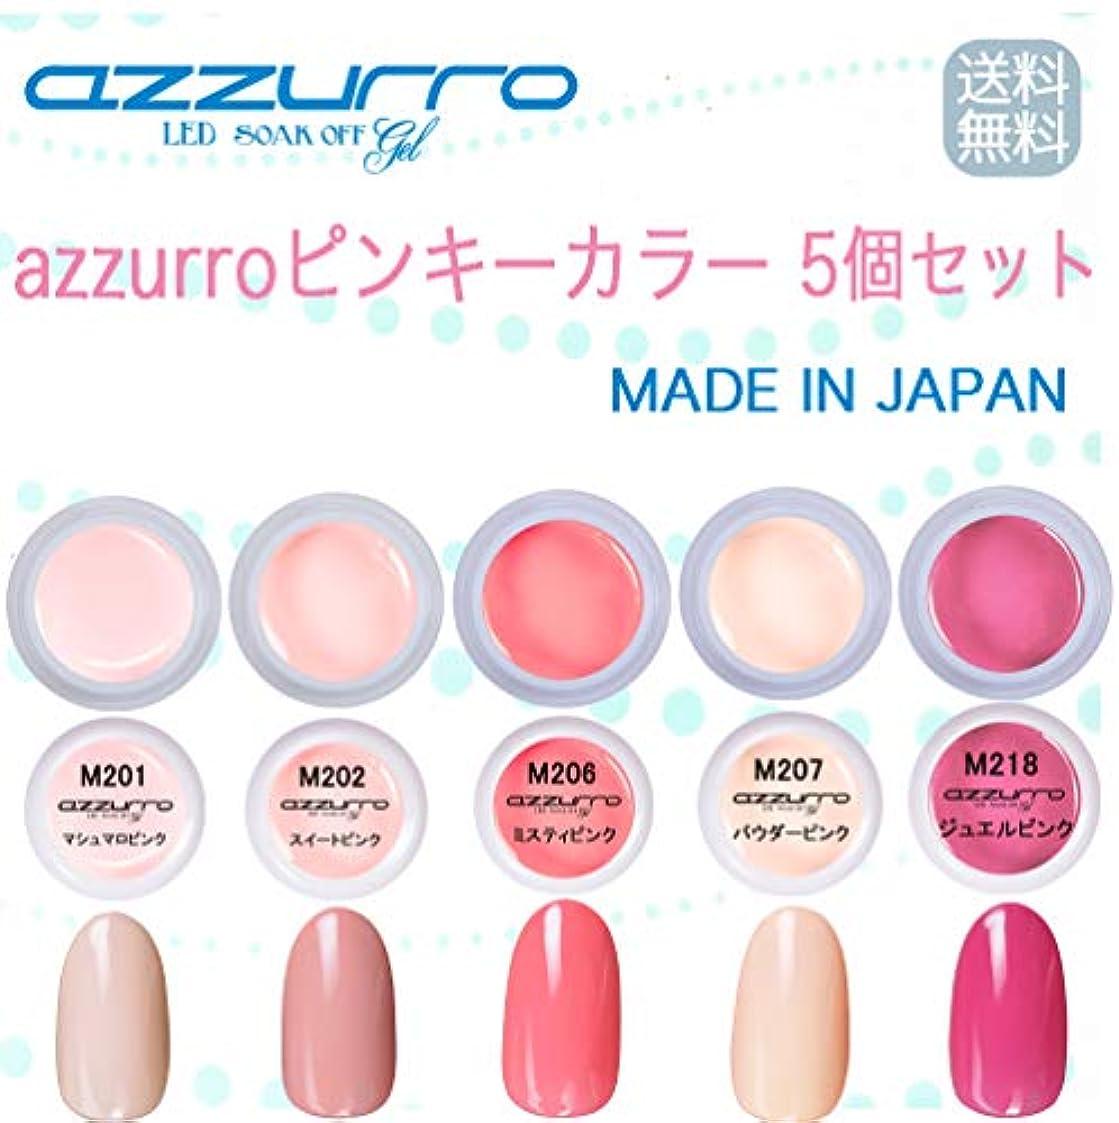 有名クリープ提供された【送料無料】日本製 azzurro gel ピンキーカラー ジェル5個セット ネイルのマストアイテムピンキーカラー